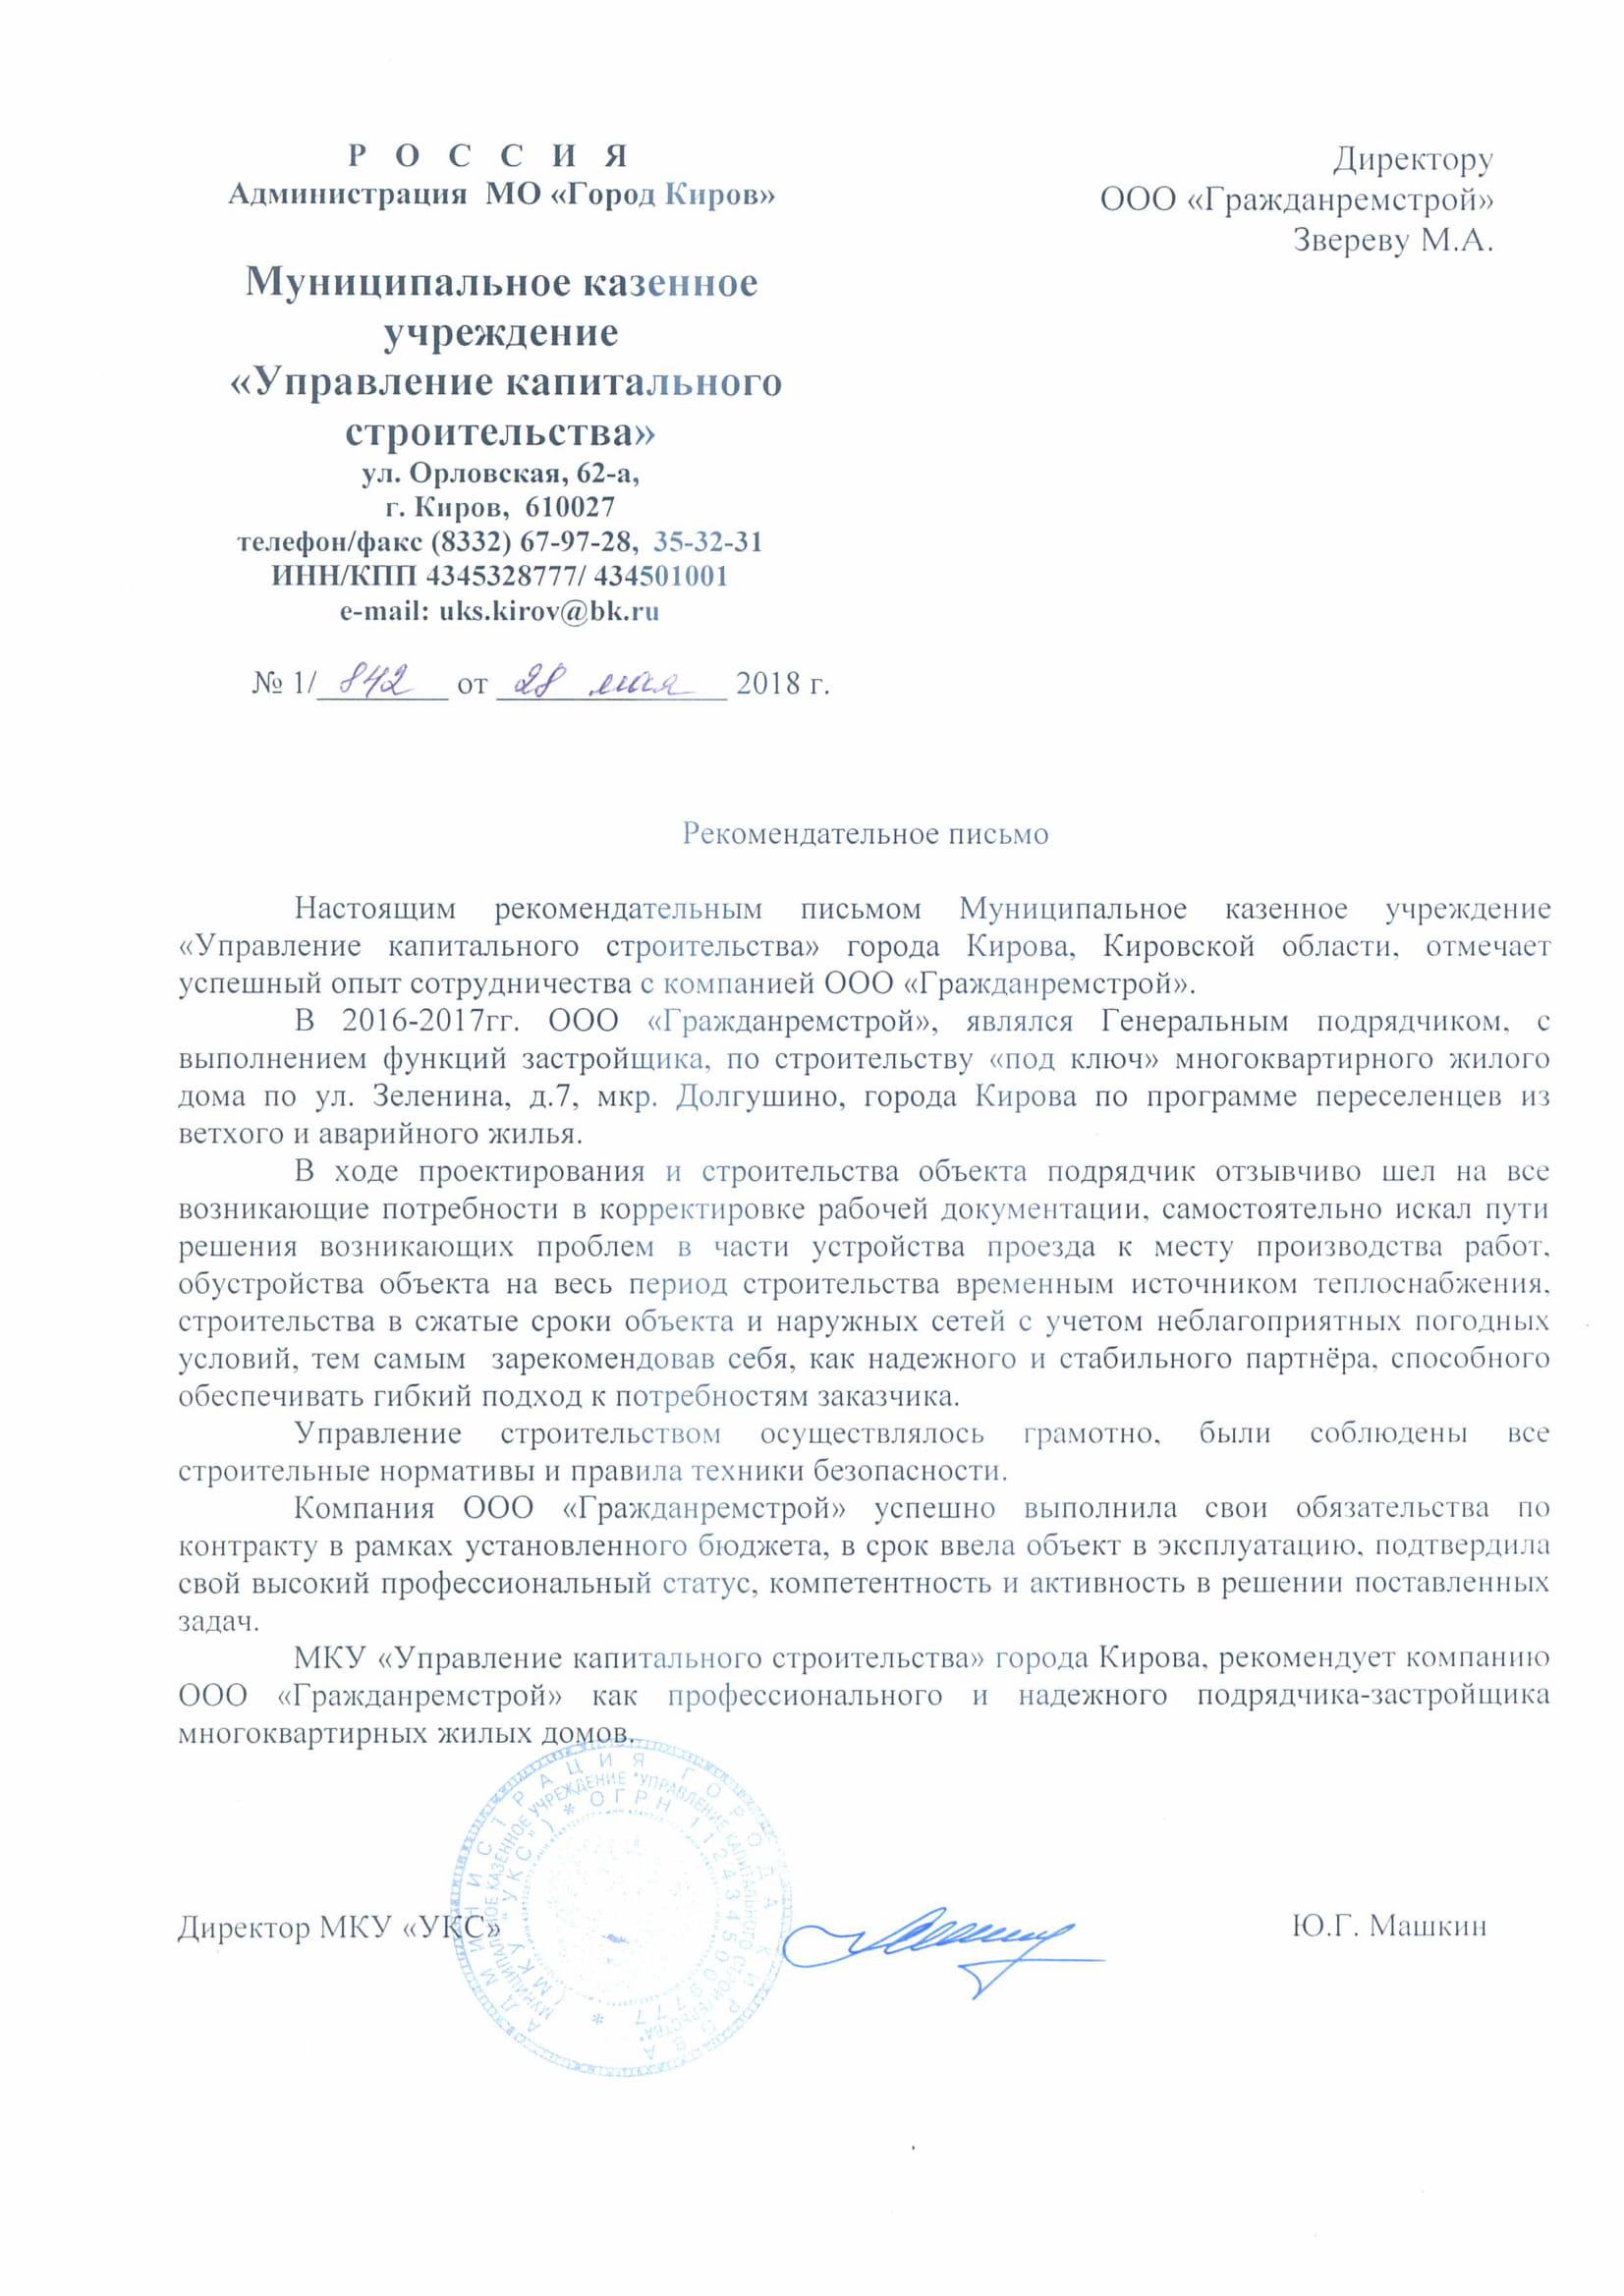 МКУ Управление капитального строительства, рекомендательное письмо